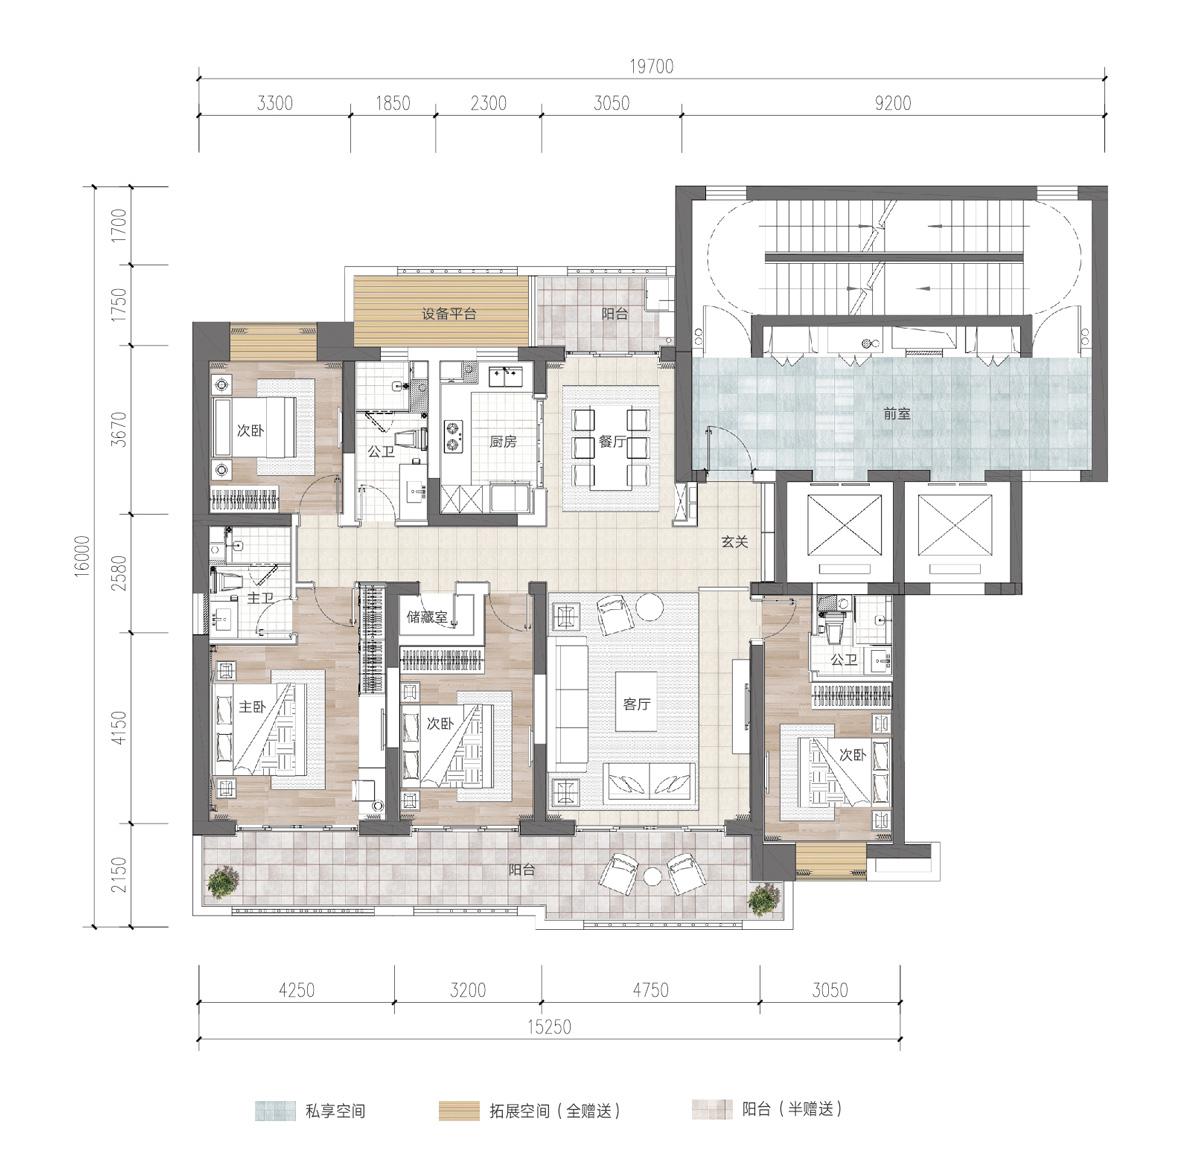 富力首府4室2厅3卫 (建筑面积:200.00㎡)